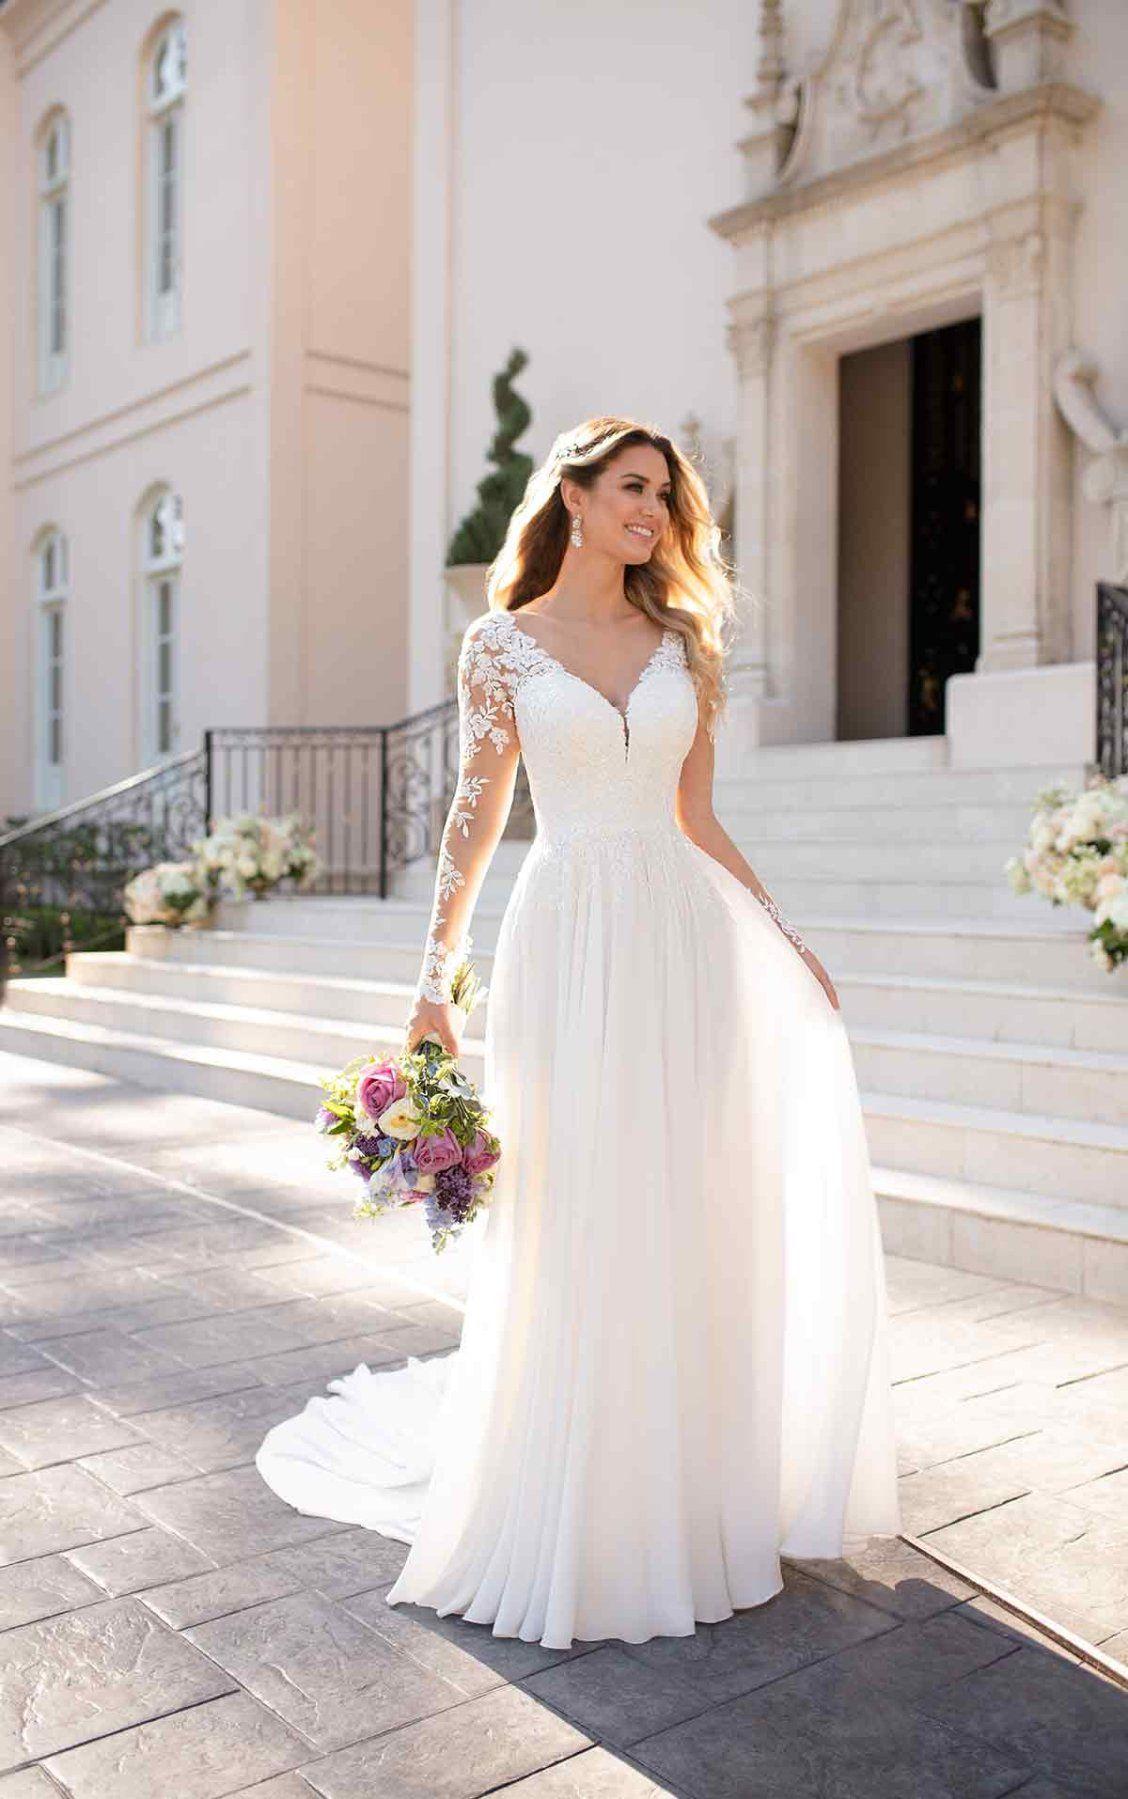 Best beach wedding dresses  Designer Wedding Dresses in   Wedding dresses  Pinterest